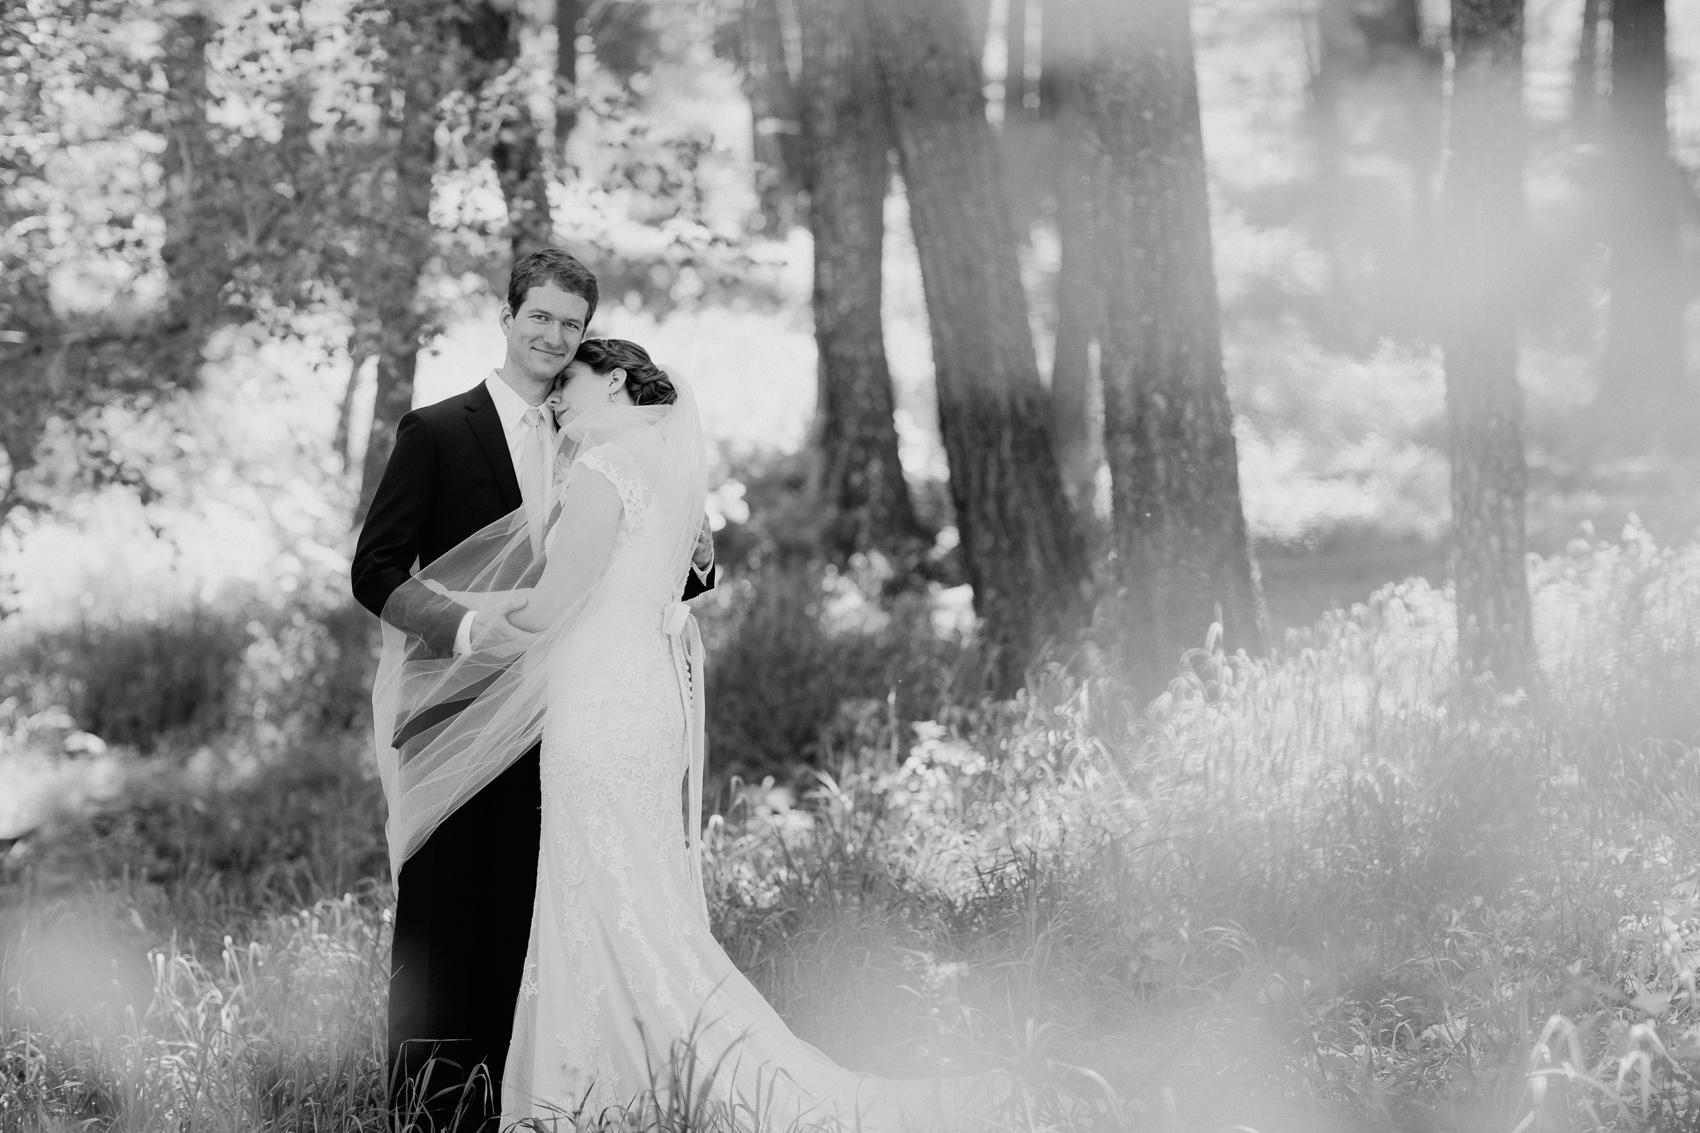 weddings-fth-8.jpg